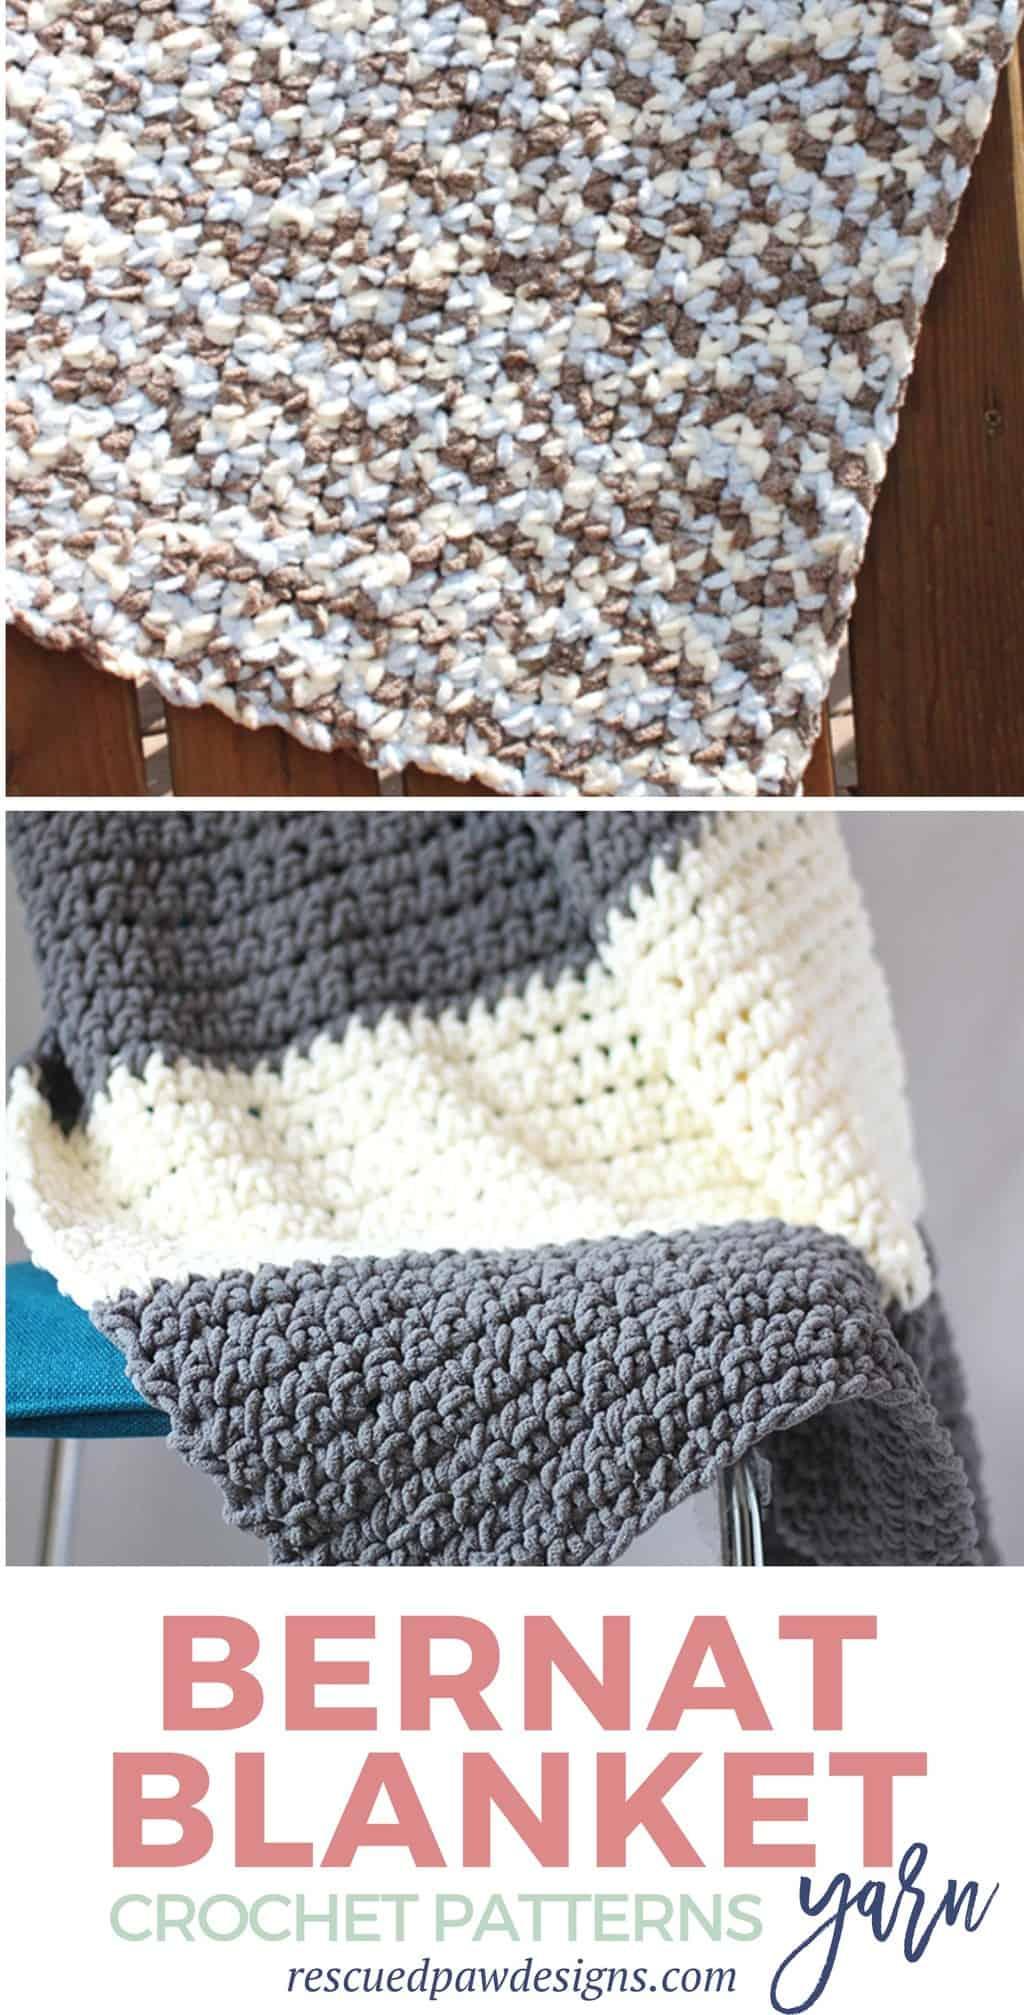 Bernat Blanket Yarn Crochet Patterns